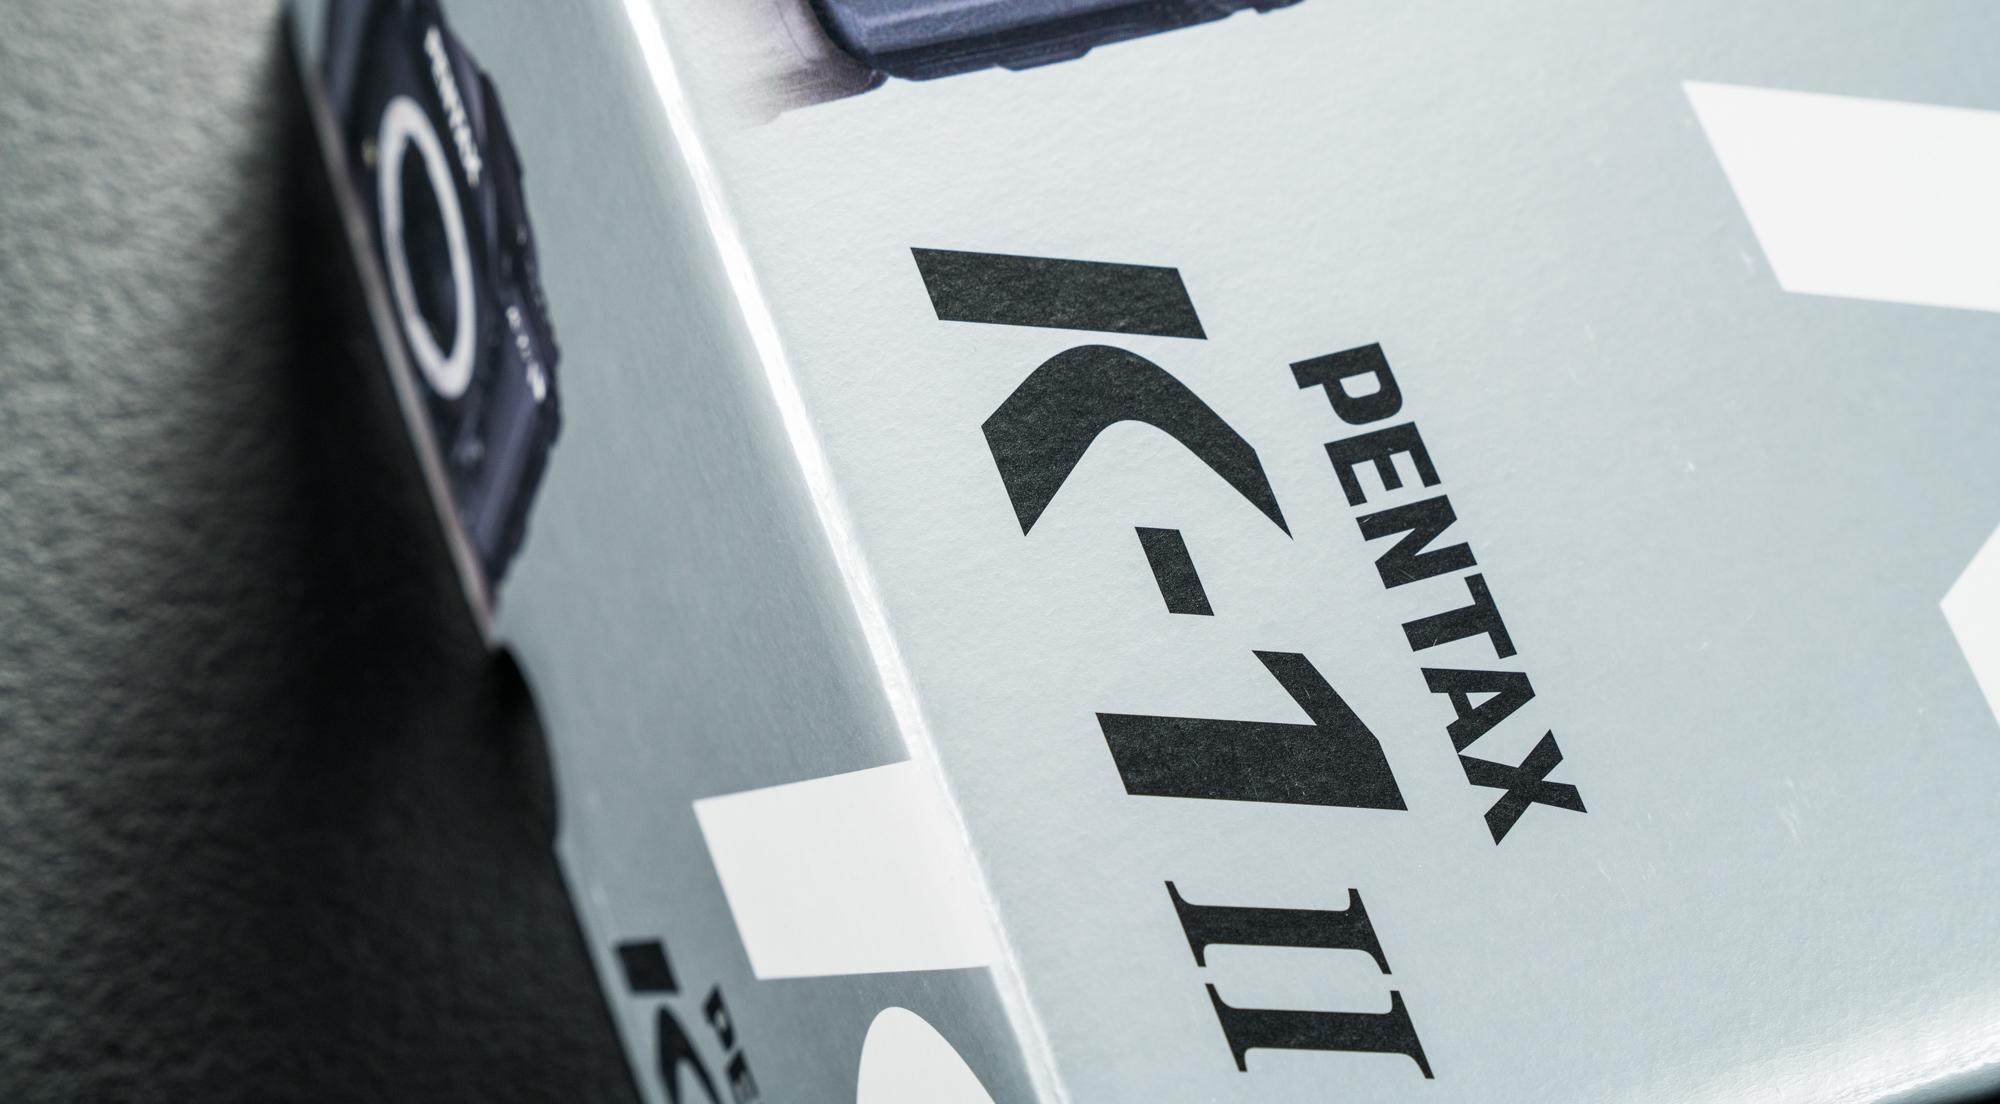 1ed4f7822b3 Nagu pentax K-1 juures, nii pole ka teise generatsiooni täiskaaderkaamera  puhul funktsioonide ja võimalustega tagasi hoitud. Kõiki neid üles loetleda  ja ...